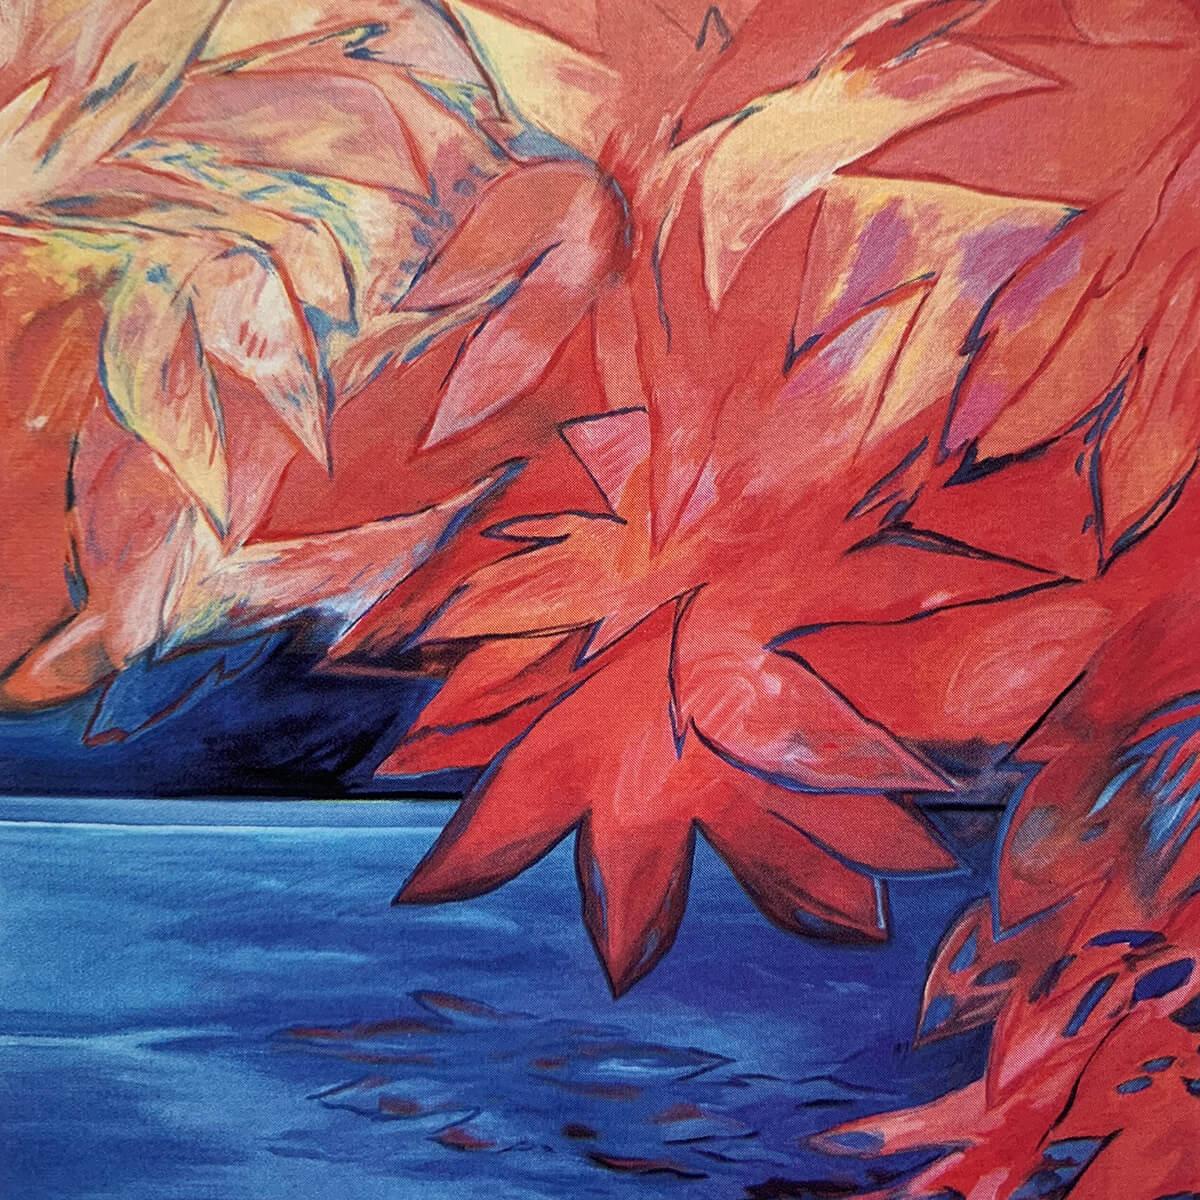 Barbara Jäger Gemälde Expressive Landschaften 1990 - 2009